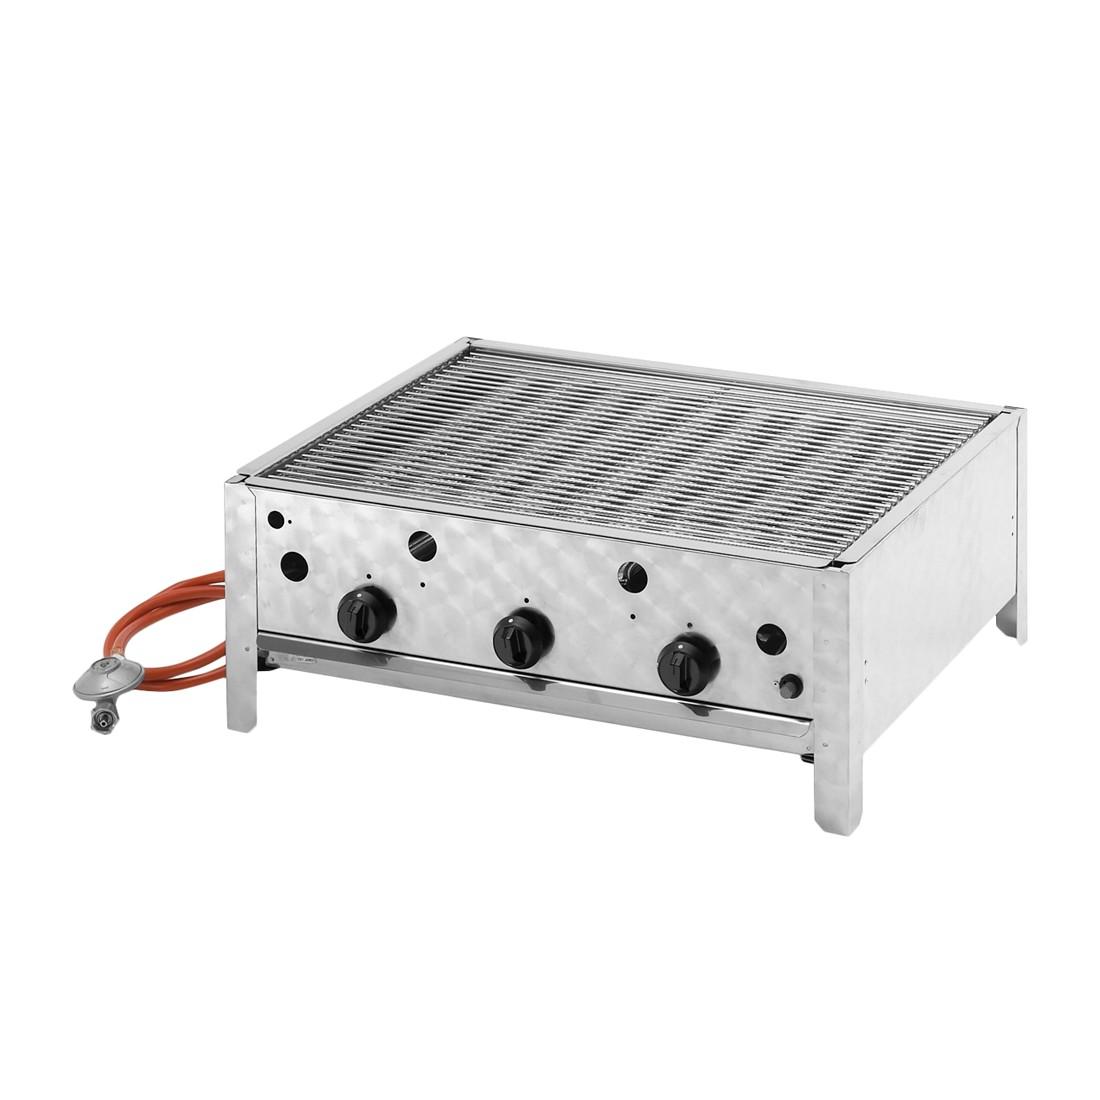 Medion Küche Grill online kaufen | Möbel-Suchmaschine | ladendirekt.de